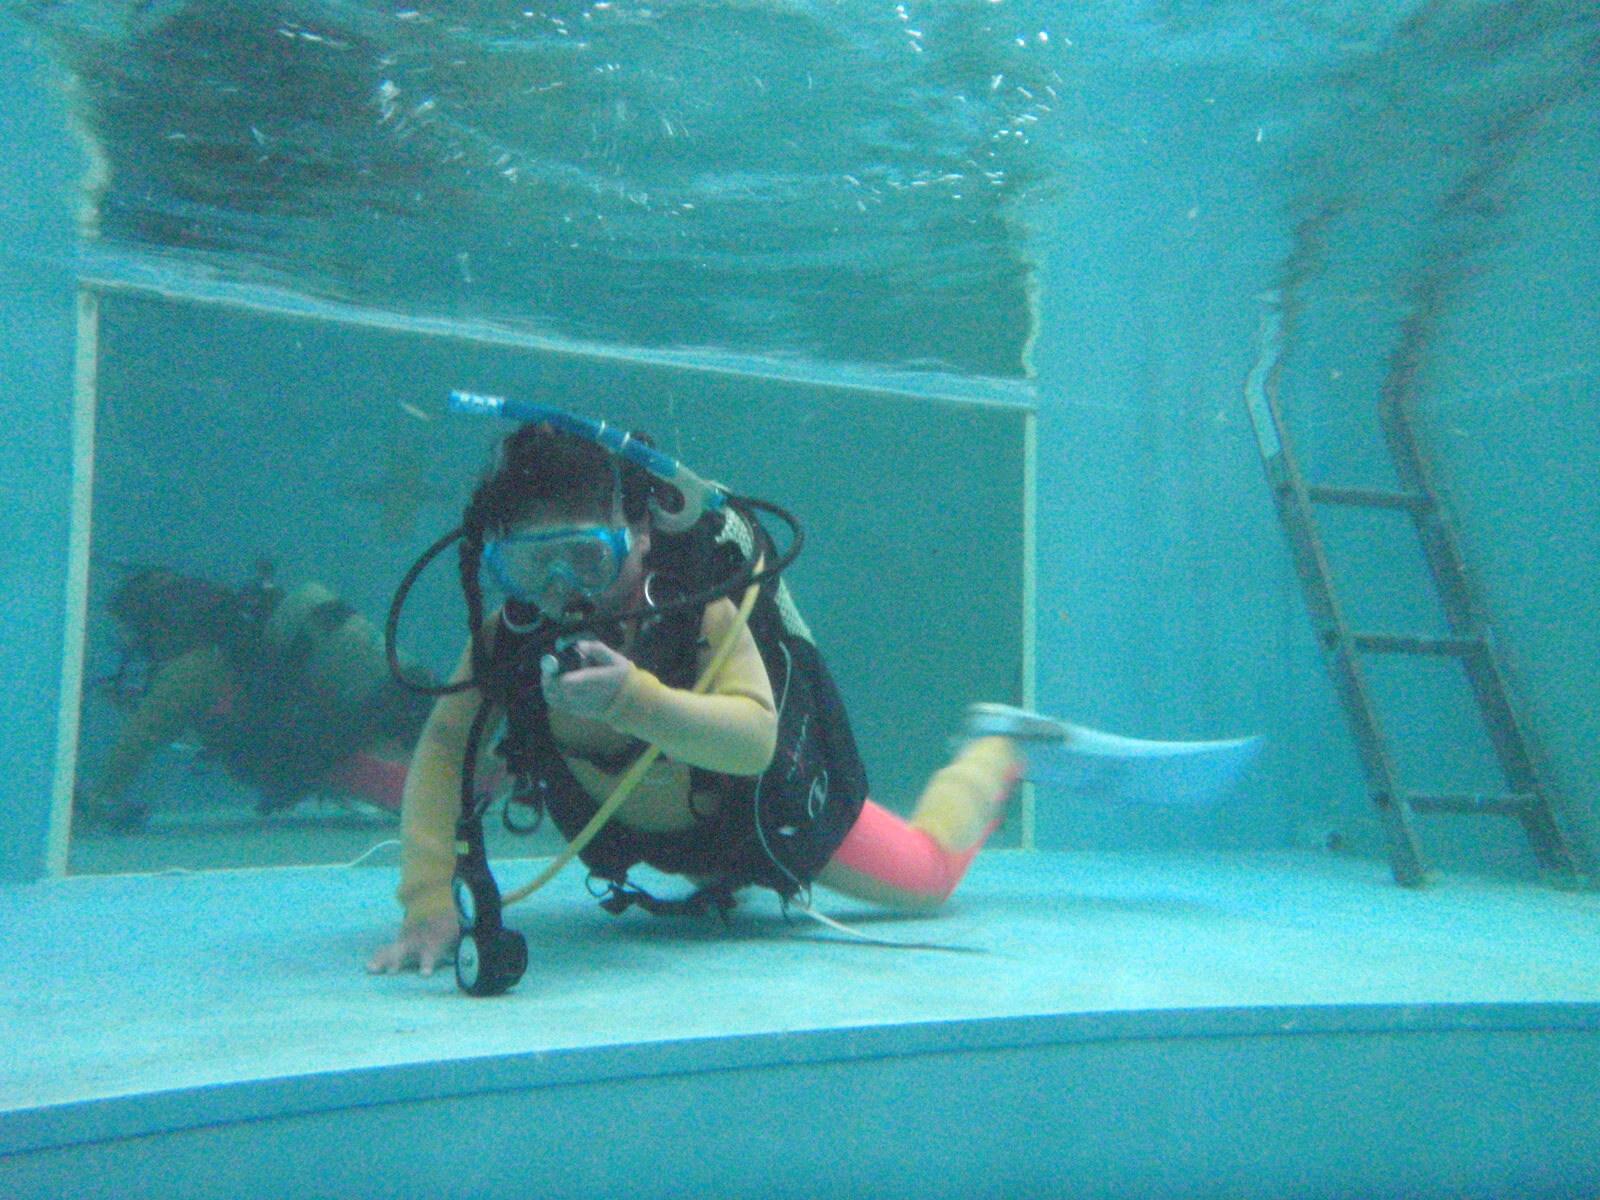 ココモのプールだと8歳からできるスキューバダイビング!TAROの8歳は…カブスカウトで野山を駆け回ってたくらいかな…!(^^)!